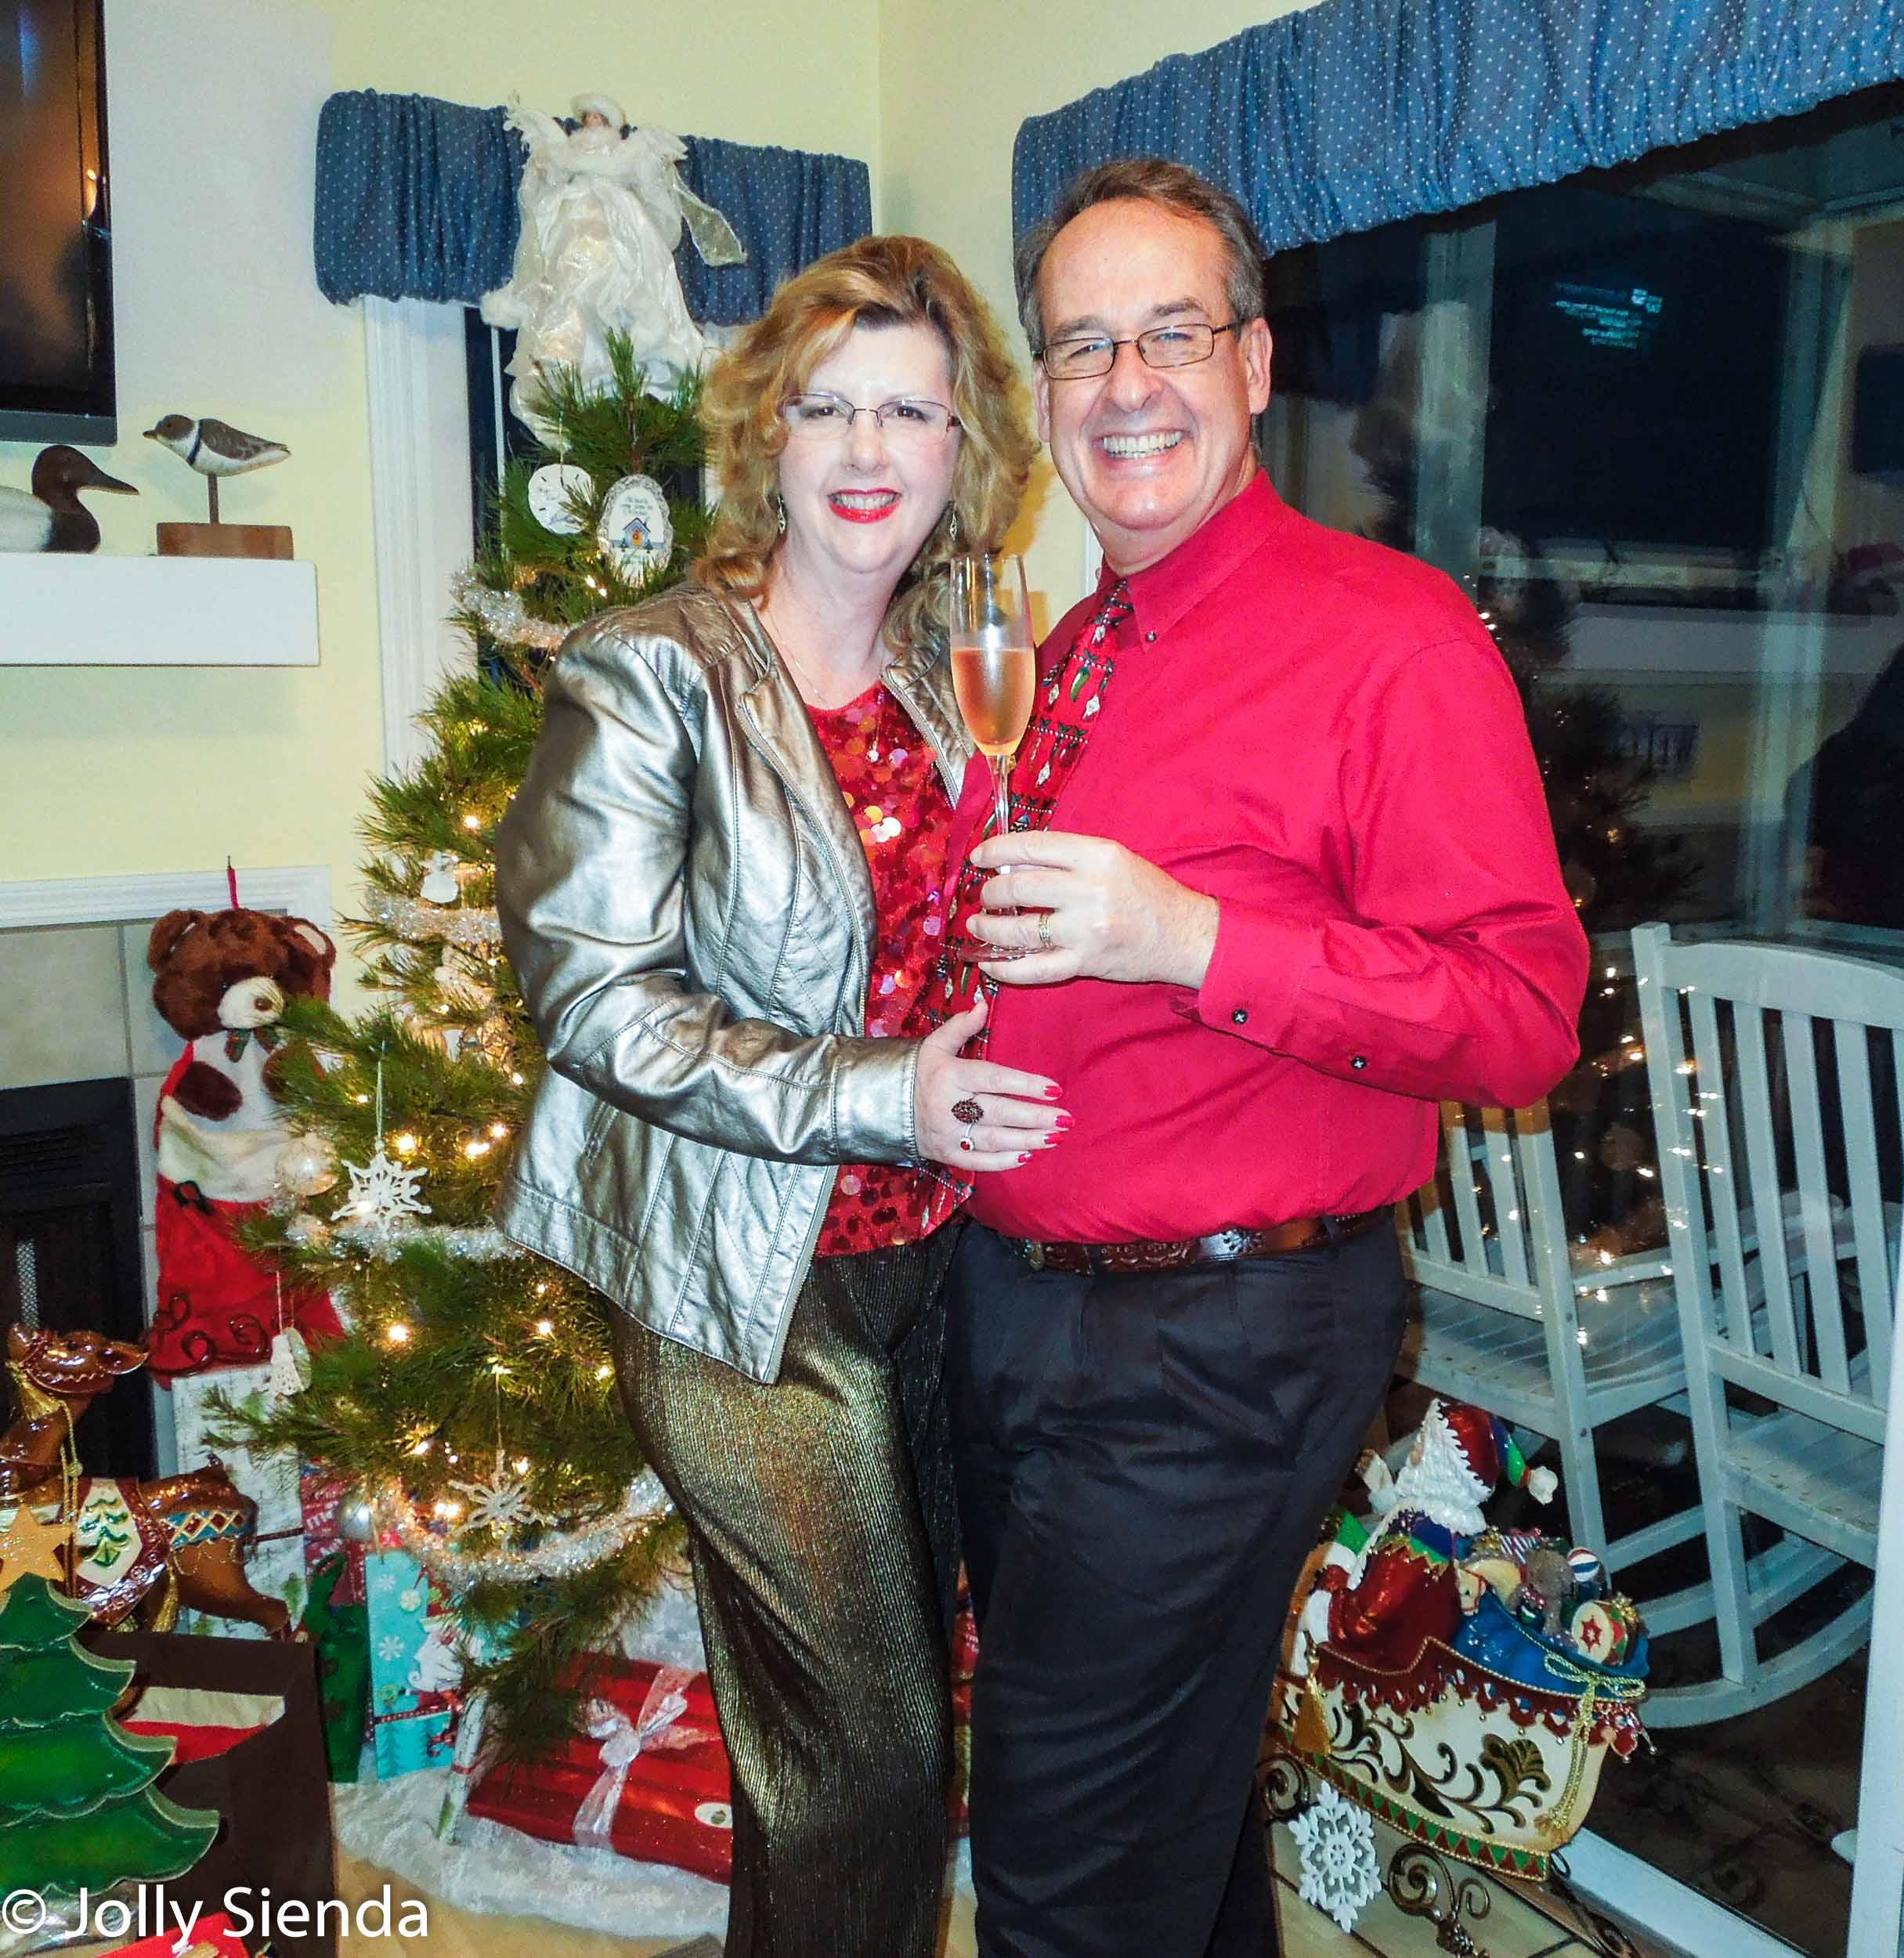 Rich and Jolly Sienda at Christmas